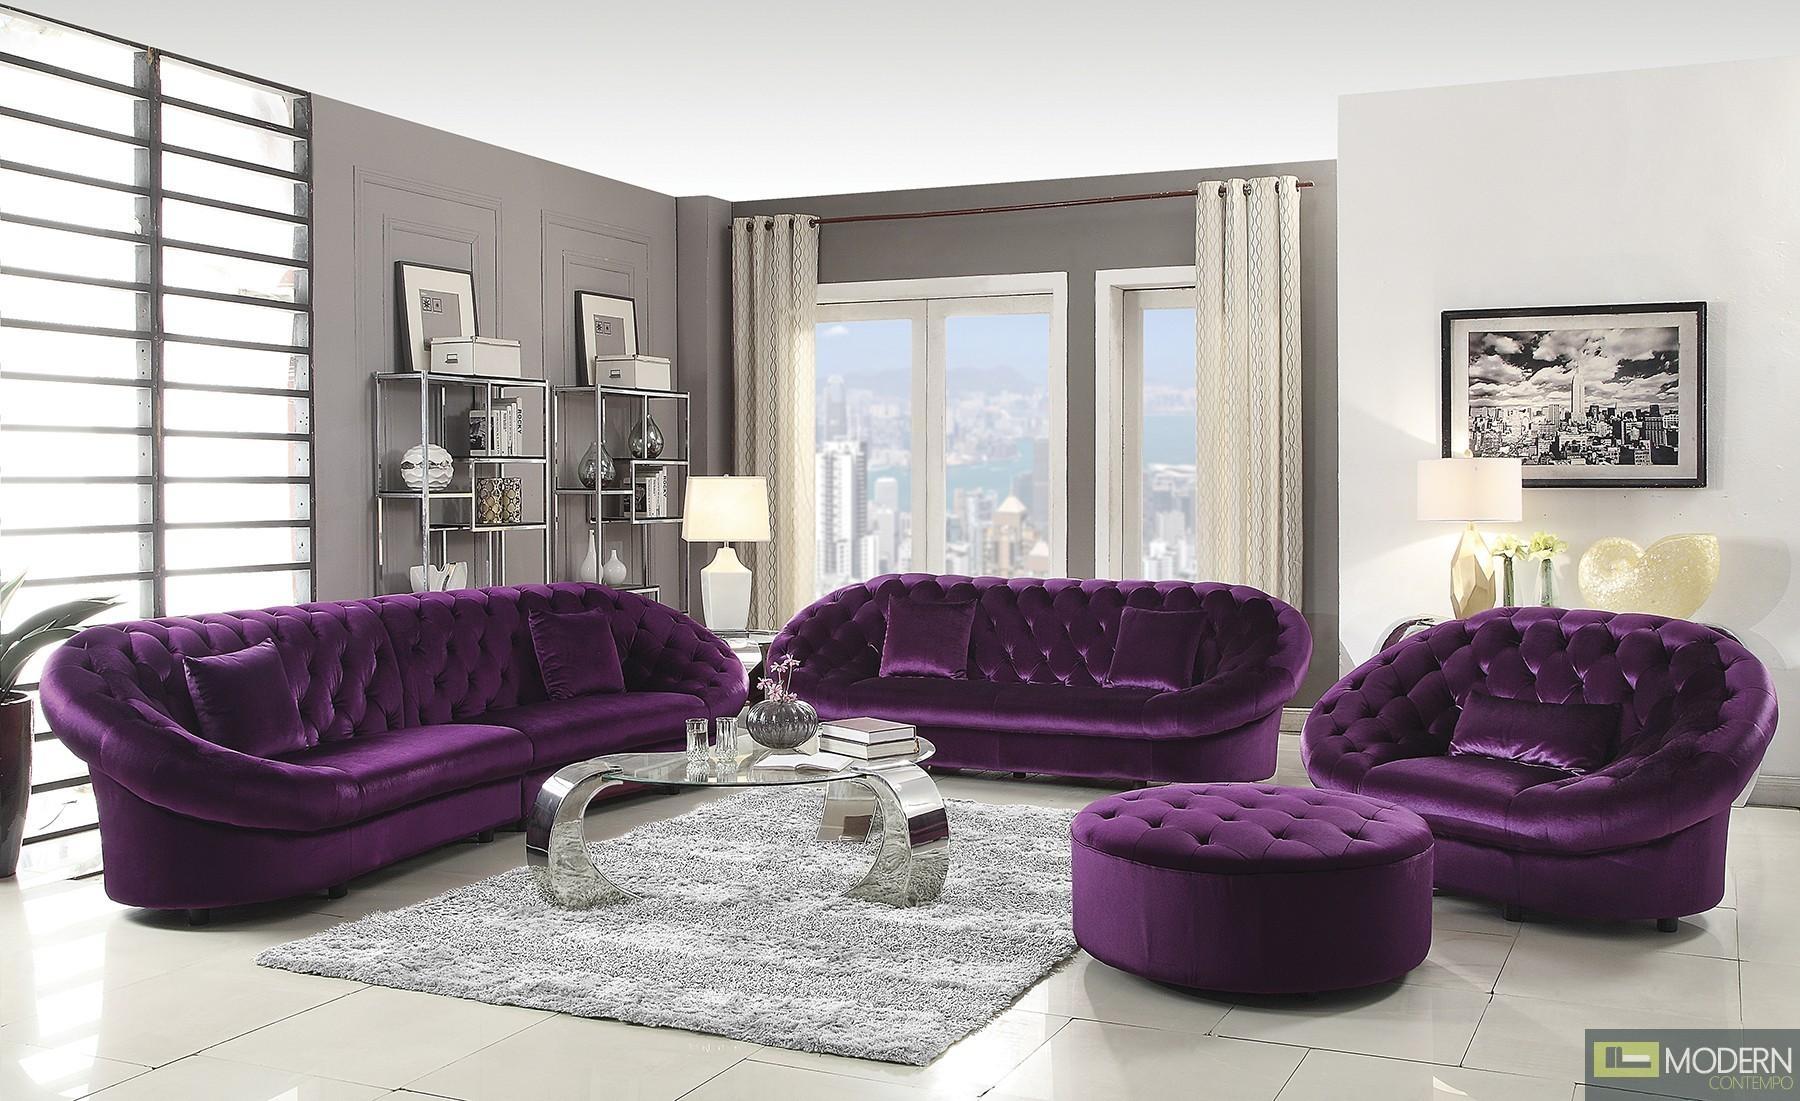 Furniture: Sofas Velvet Velvet Tufted Sofa Regarding Velvet Purple Sofas (Image 8 of 20)